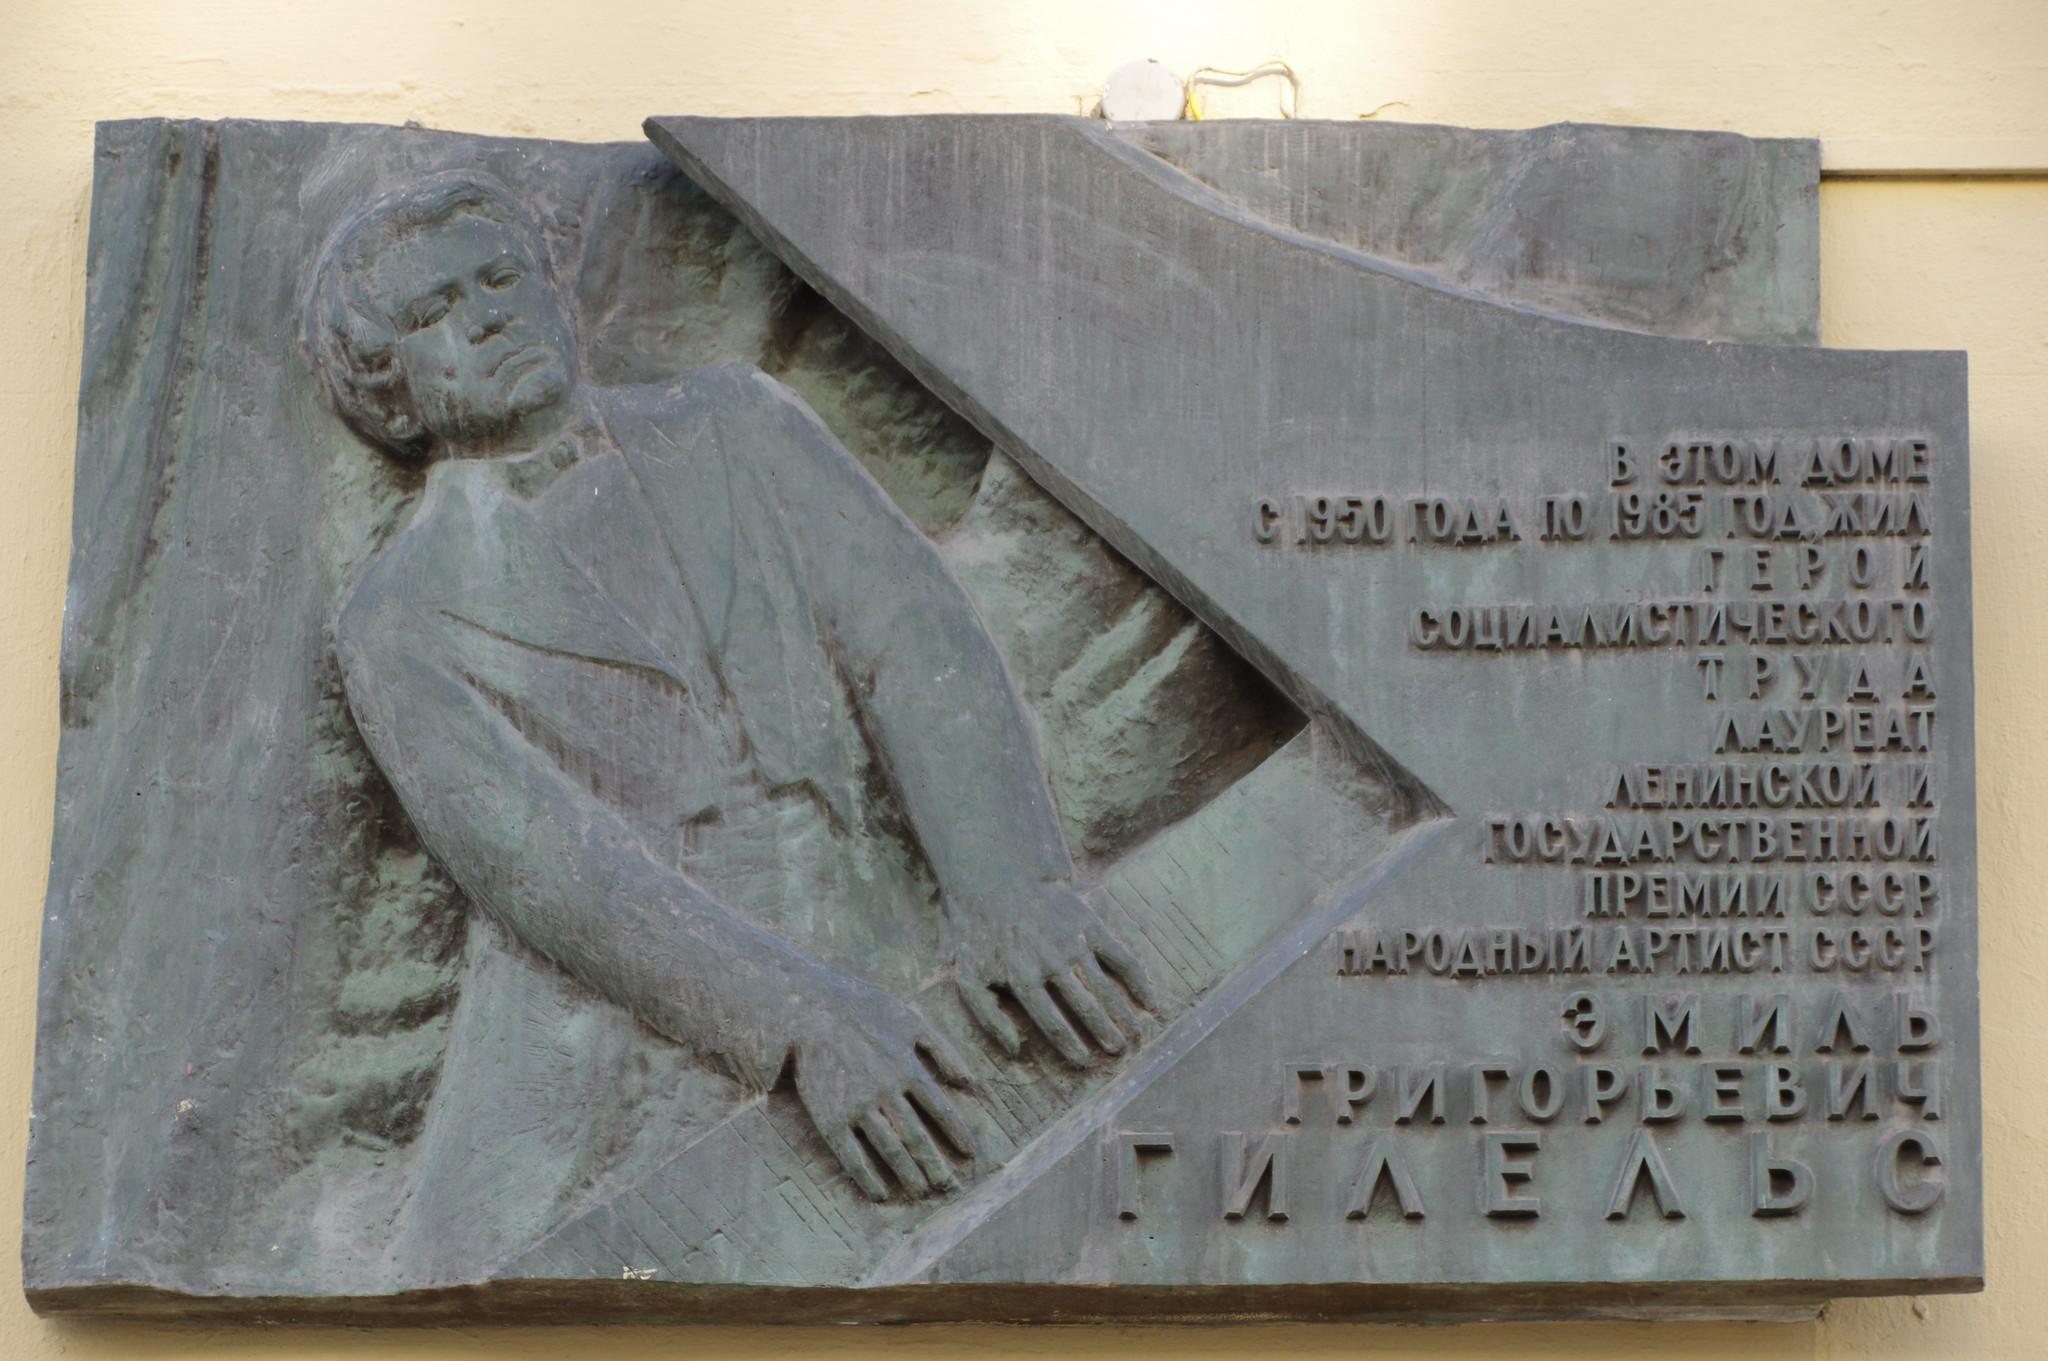 Мемориальная доска на доме № 25/9 по Тверской улице в Москве, где жил Народный артист СССР Эмиль Григорьевич Гилельс